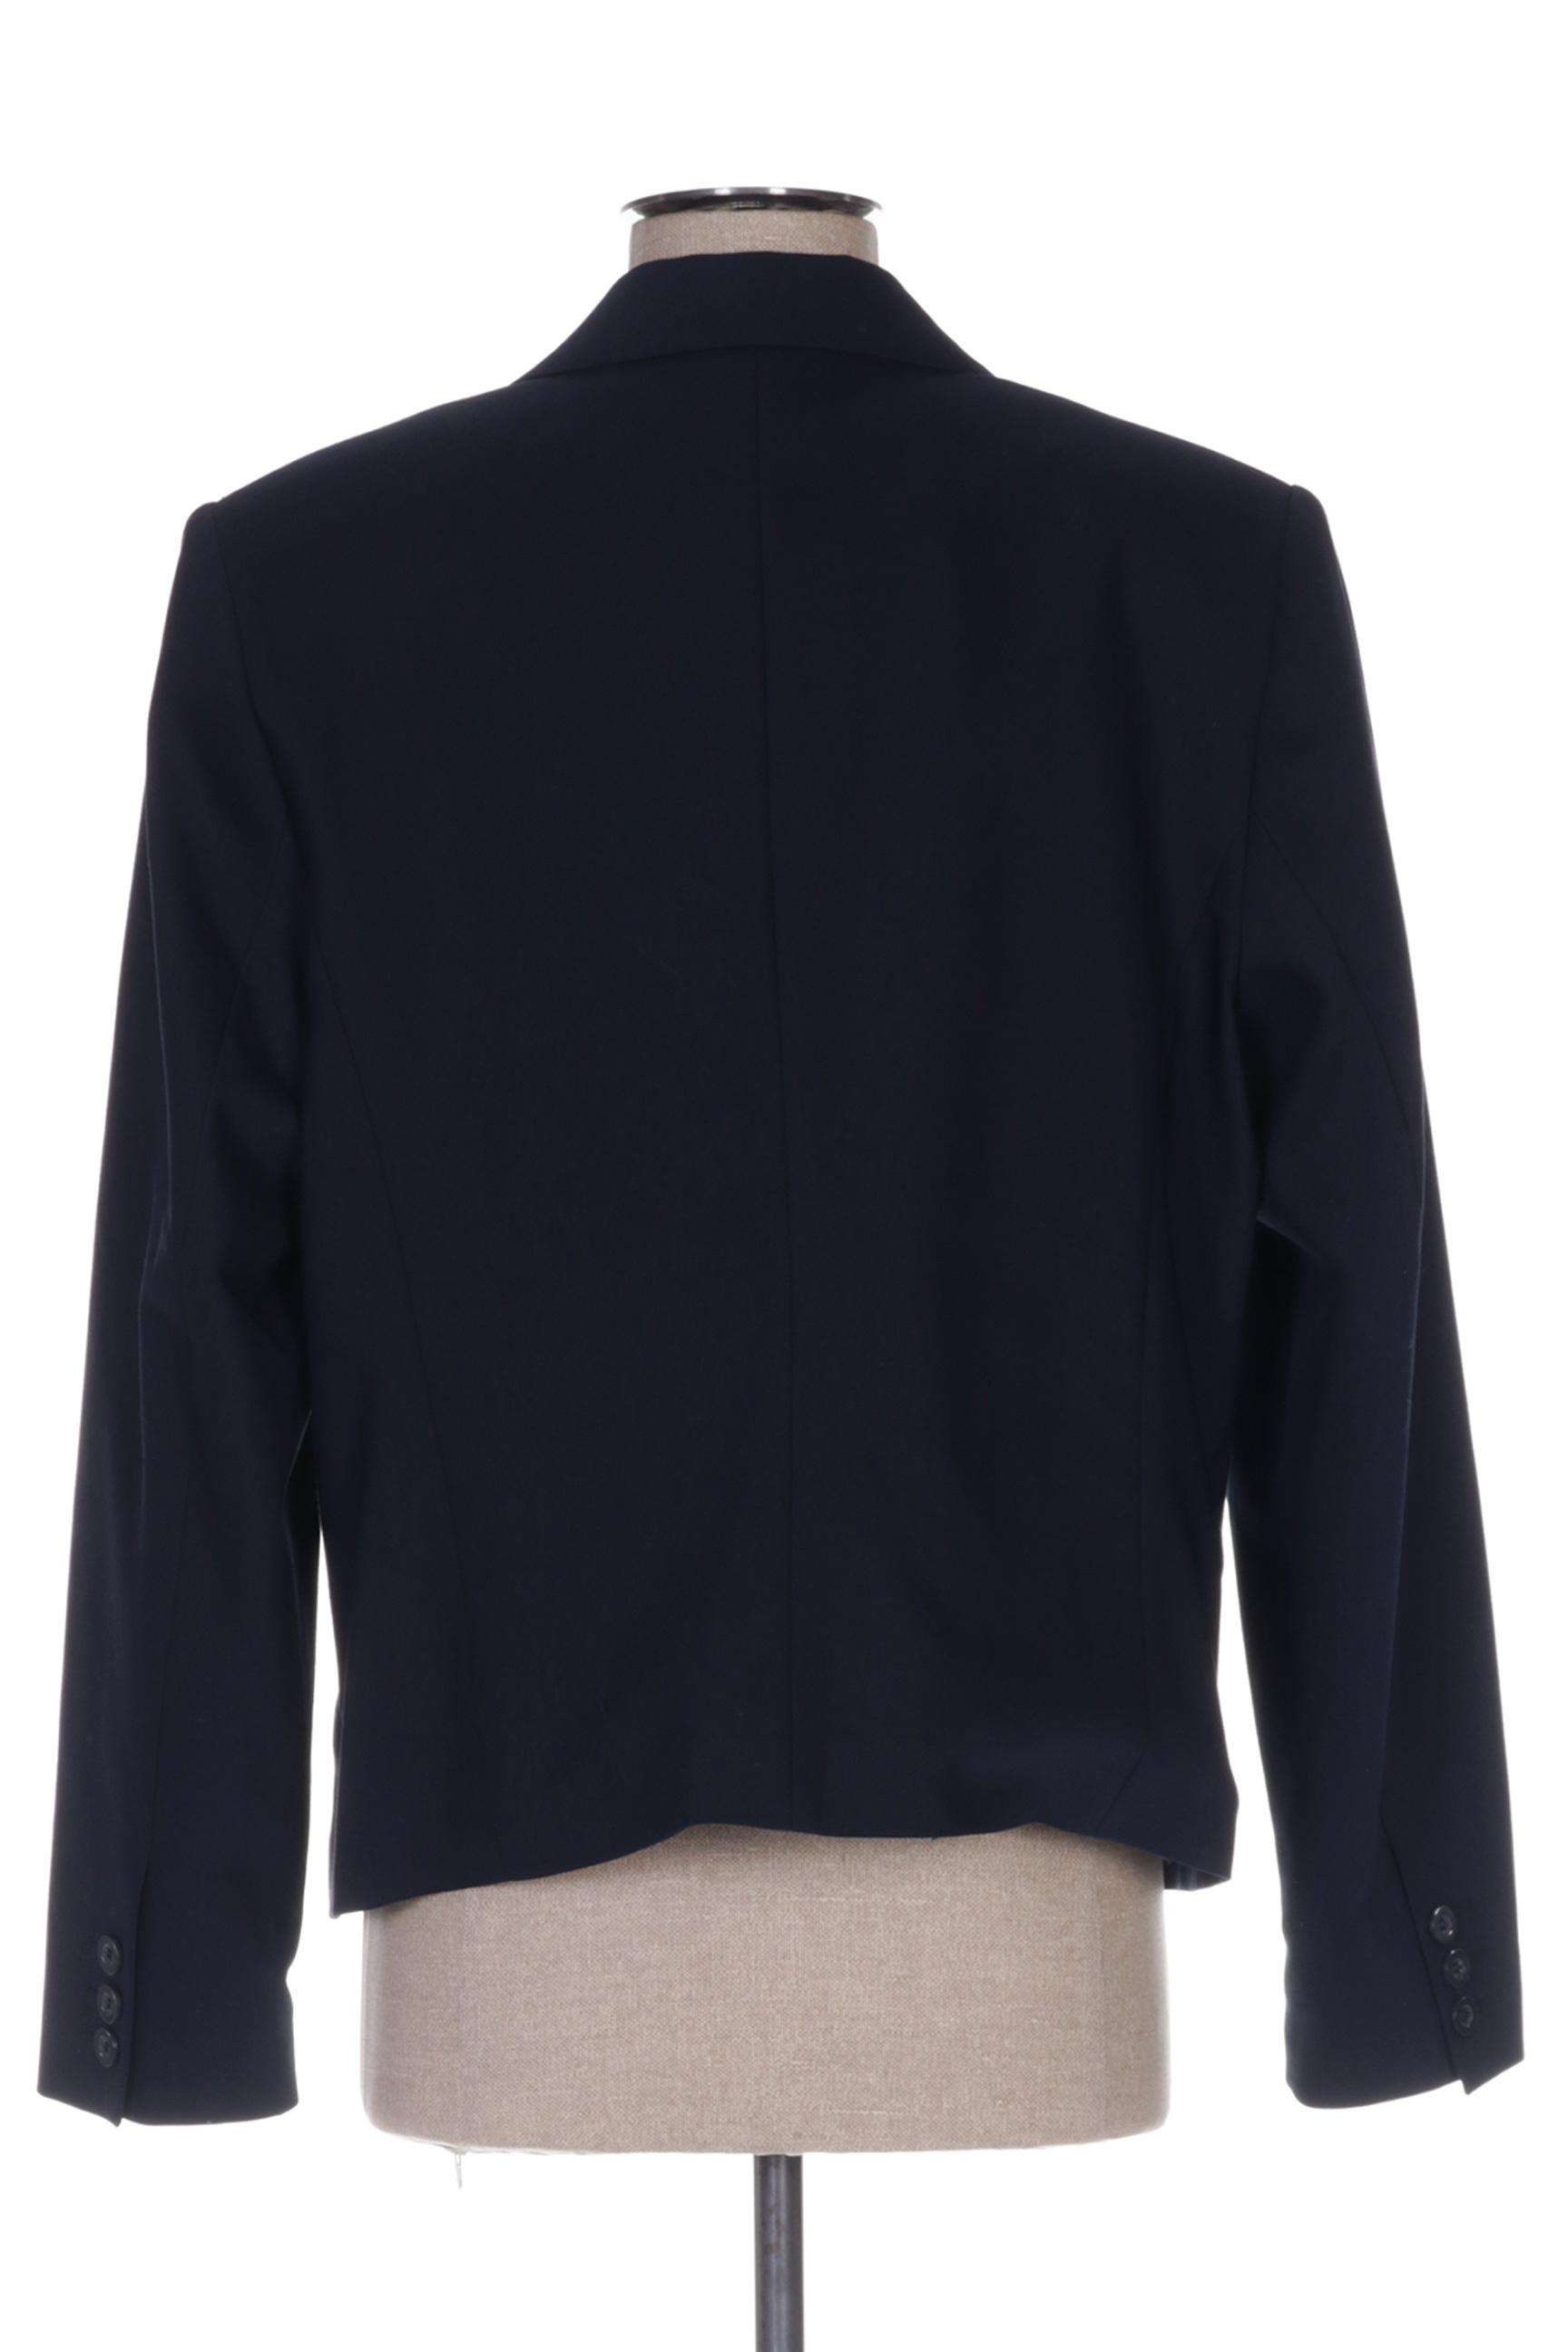 Brandtex Vestechic Femme De Couleur Bleu En Soldes Pas Cher 1422507-bleu00